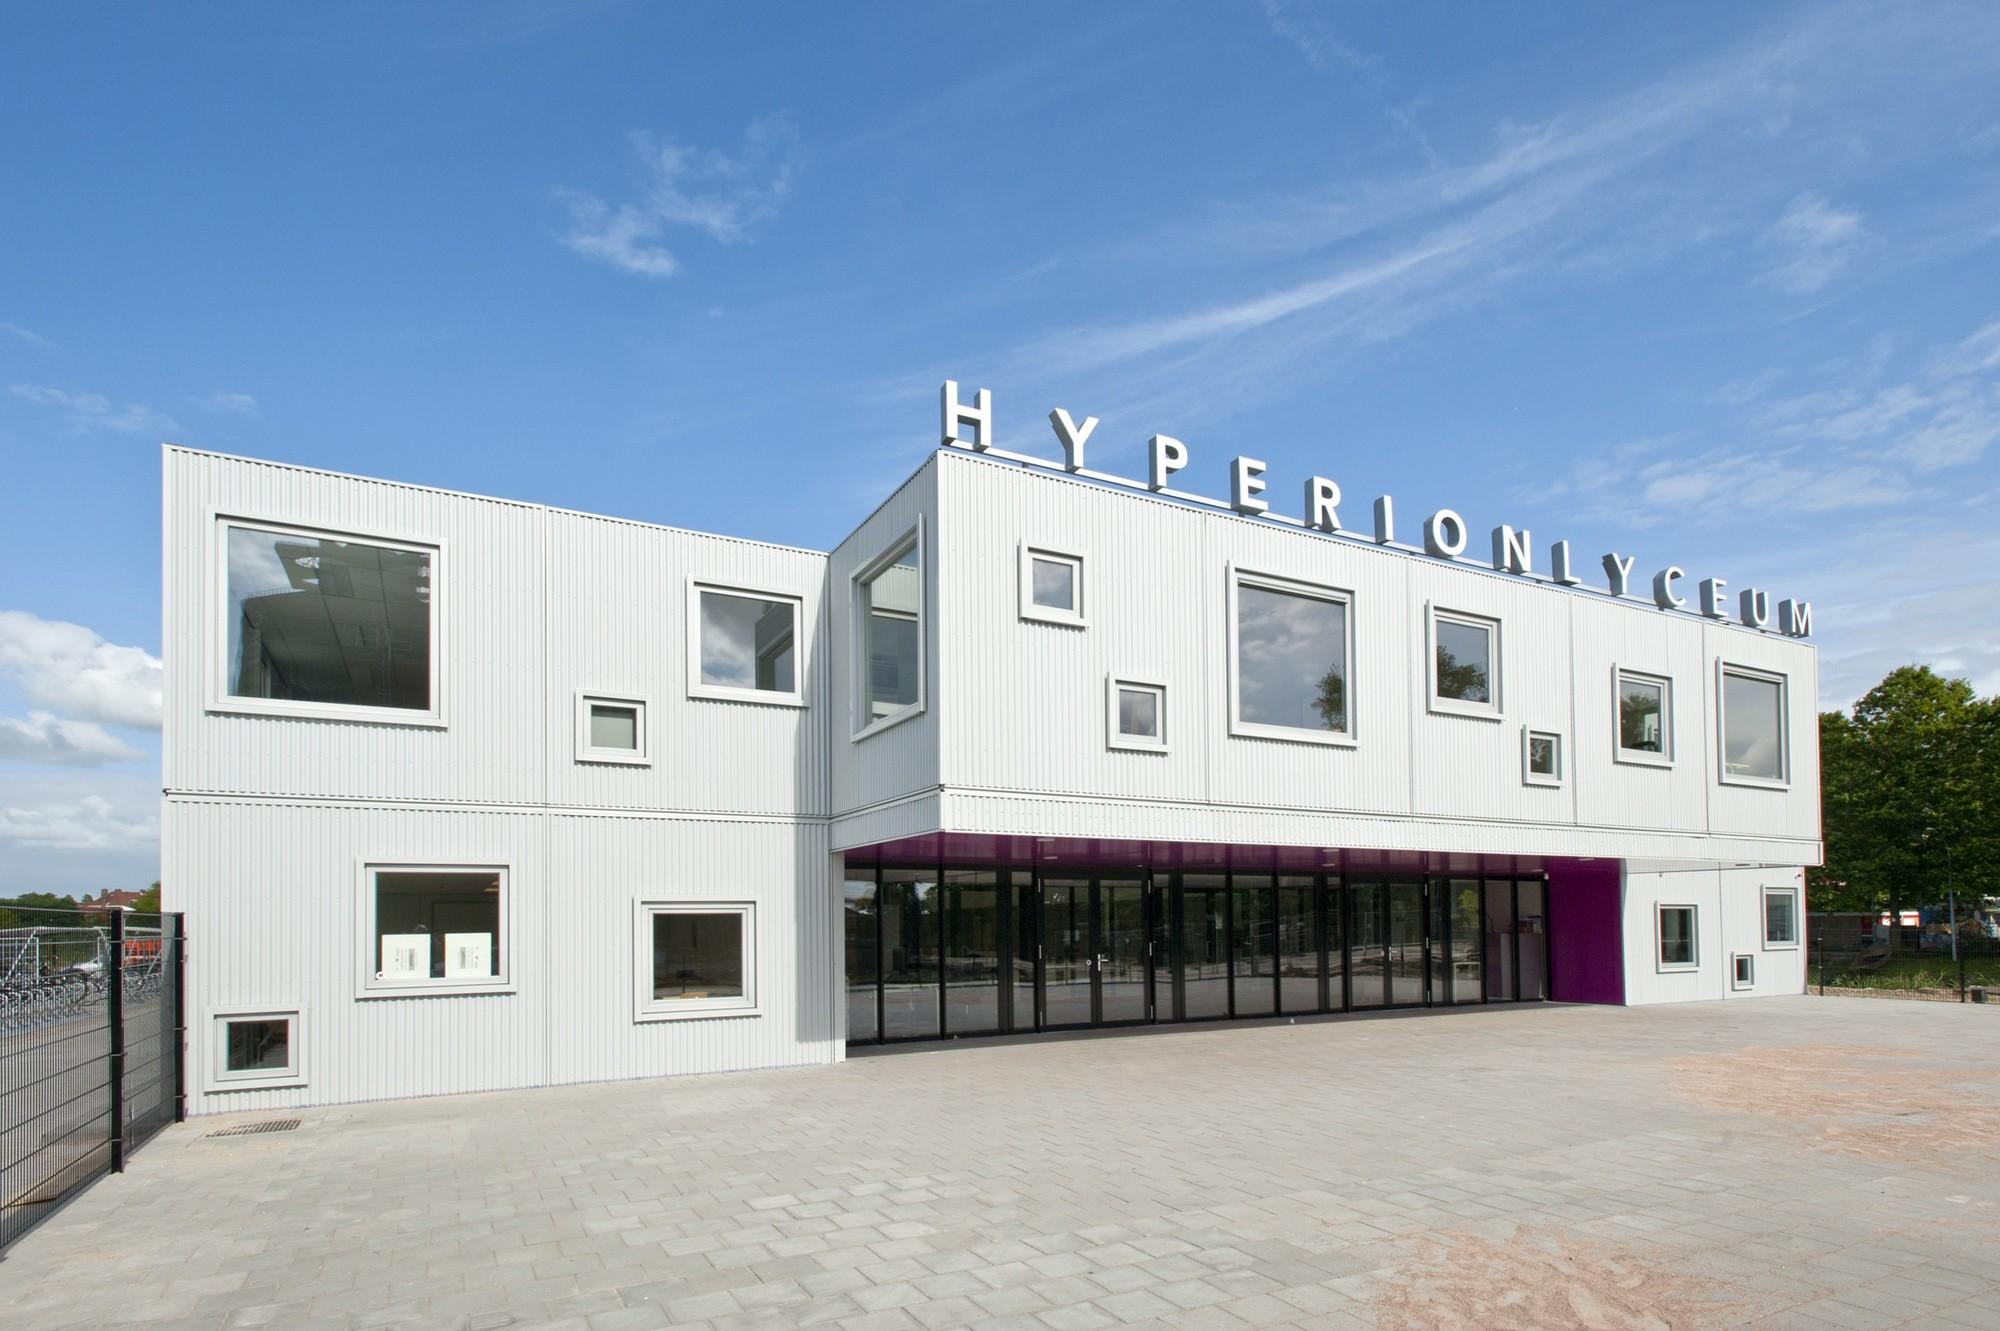 Hyperion Lyceum / Burton Hamfelt Architectuur, Courtesy of Burton Hamfelt Architectuur